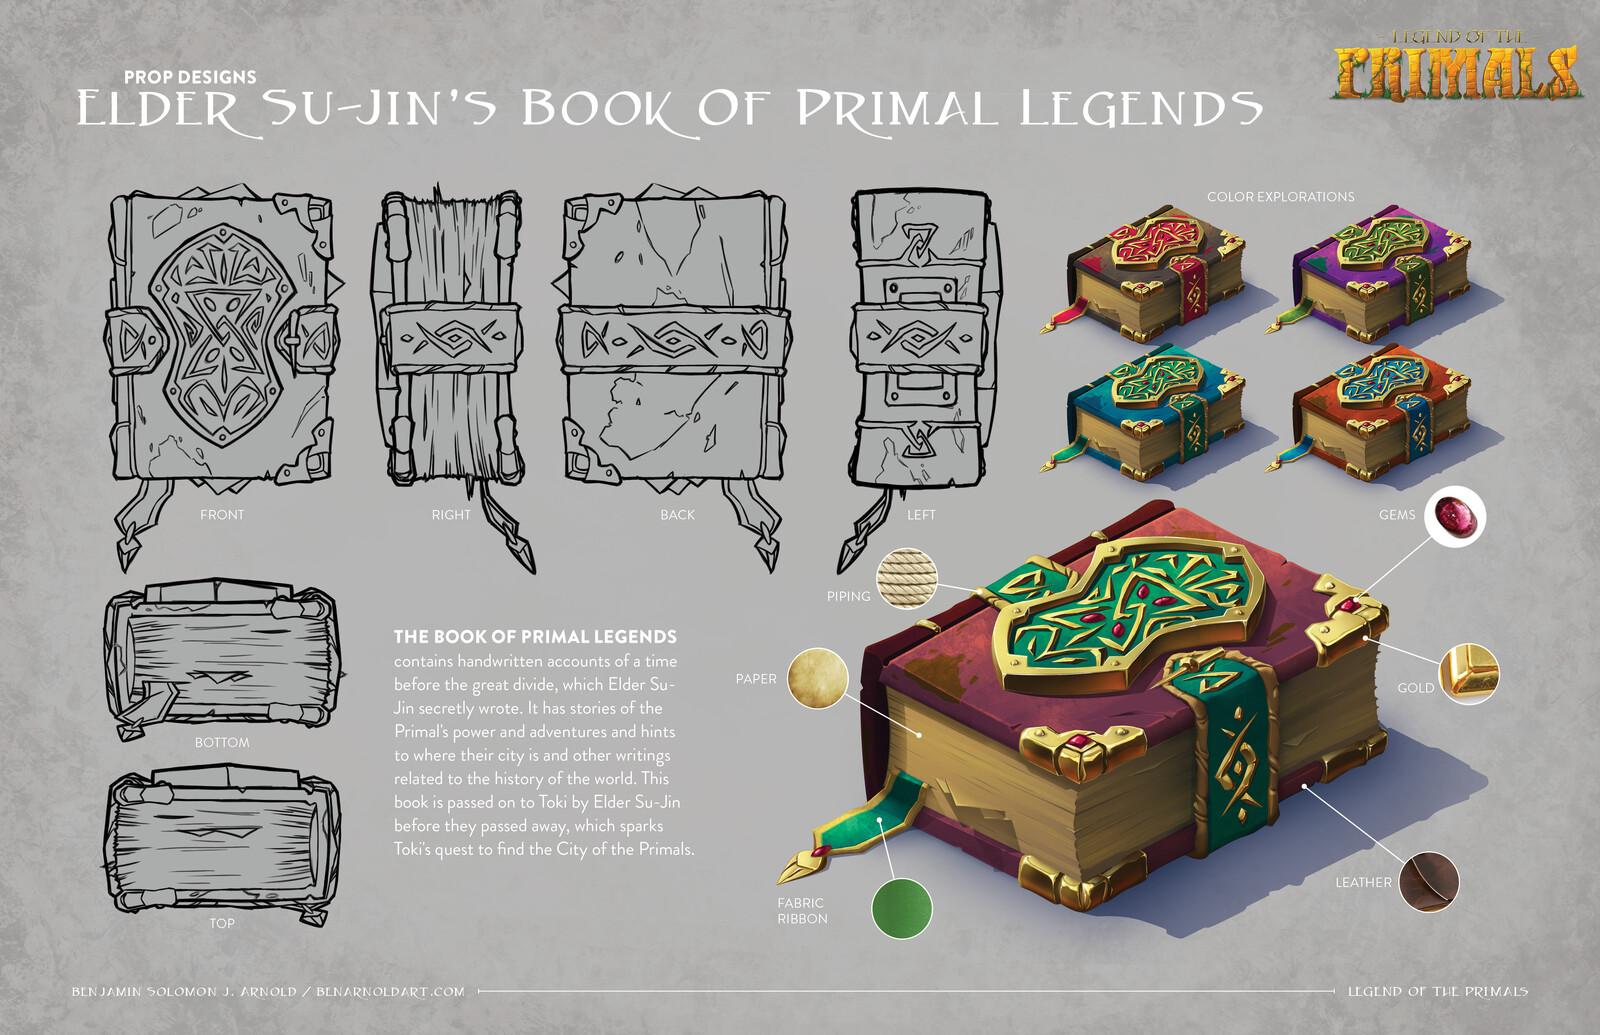 Legend of the Primals: Elder Su-Jin's Book of Primal Legends Prop Design